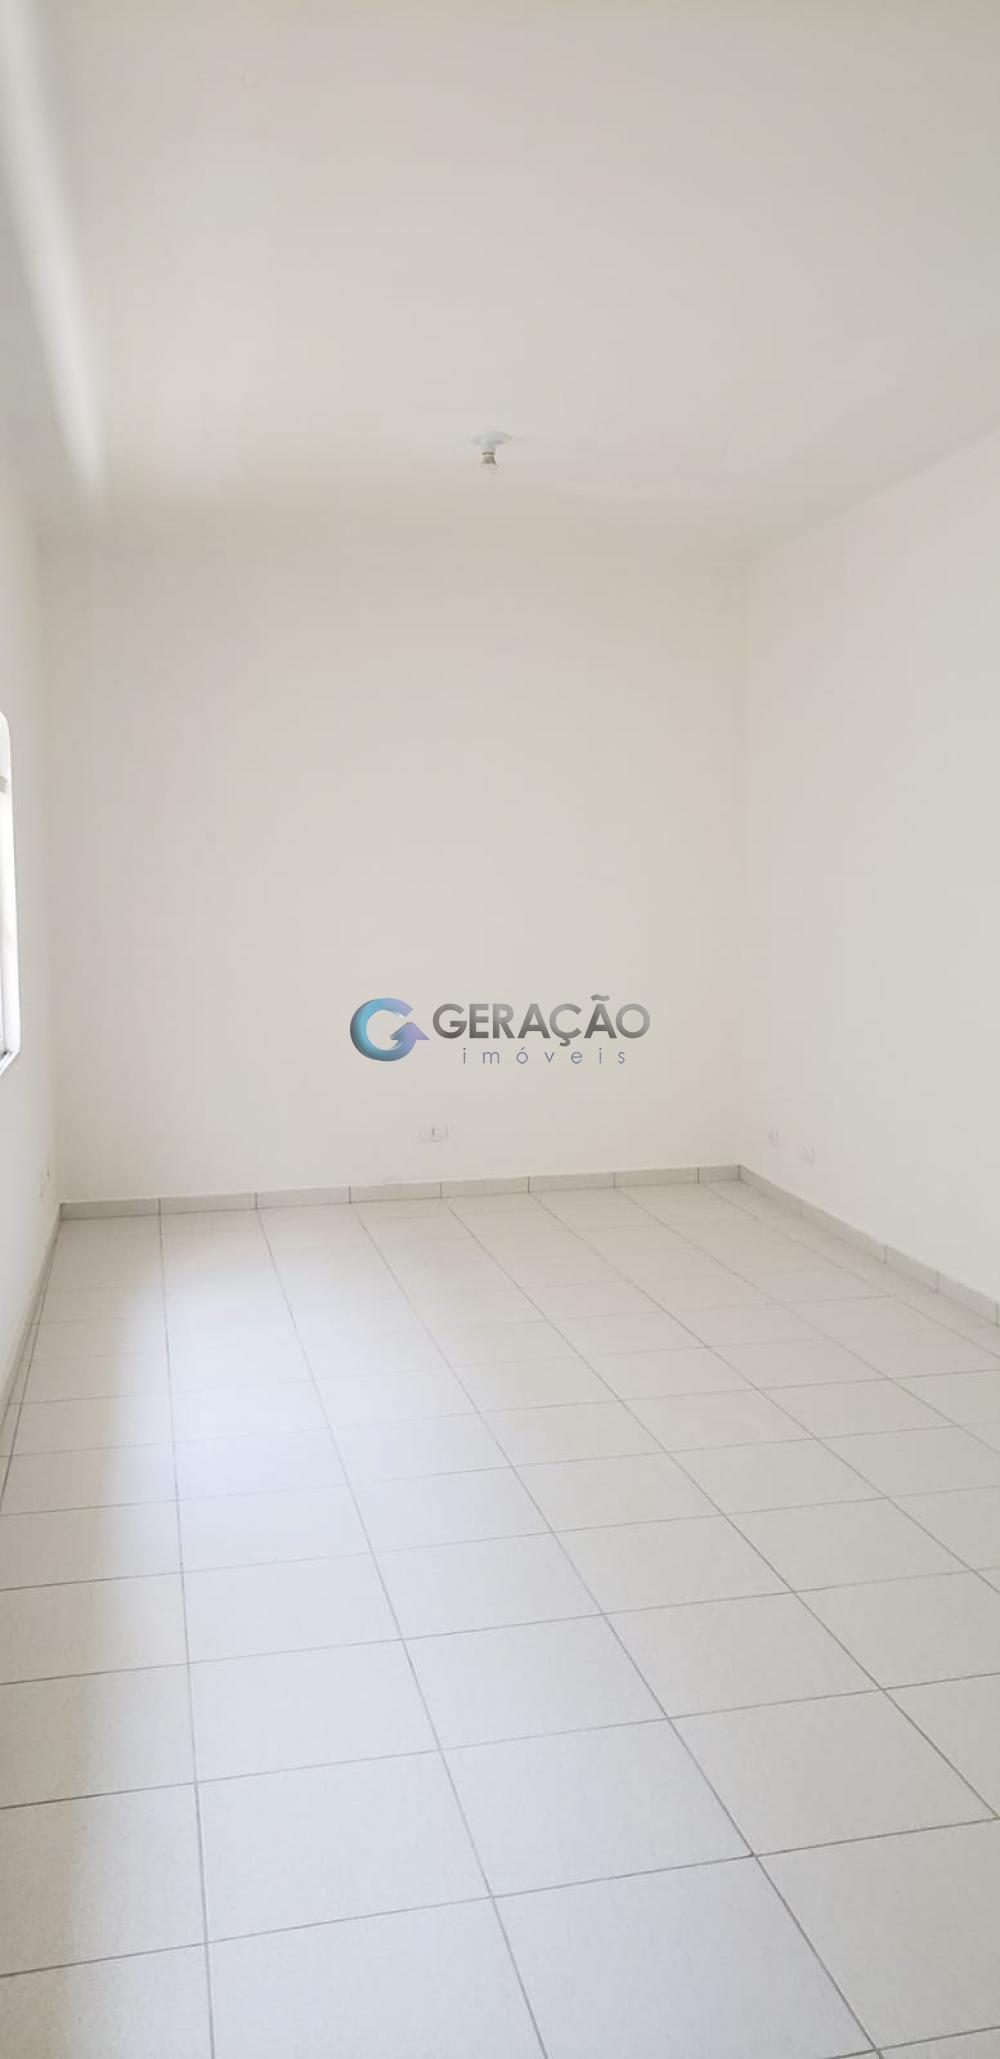 Comprar Comercial / Prédio em São José dos Campos R$ 1.350.000,00 - Foto 15